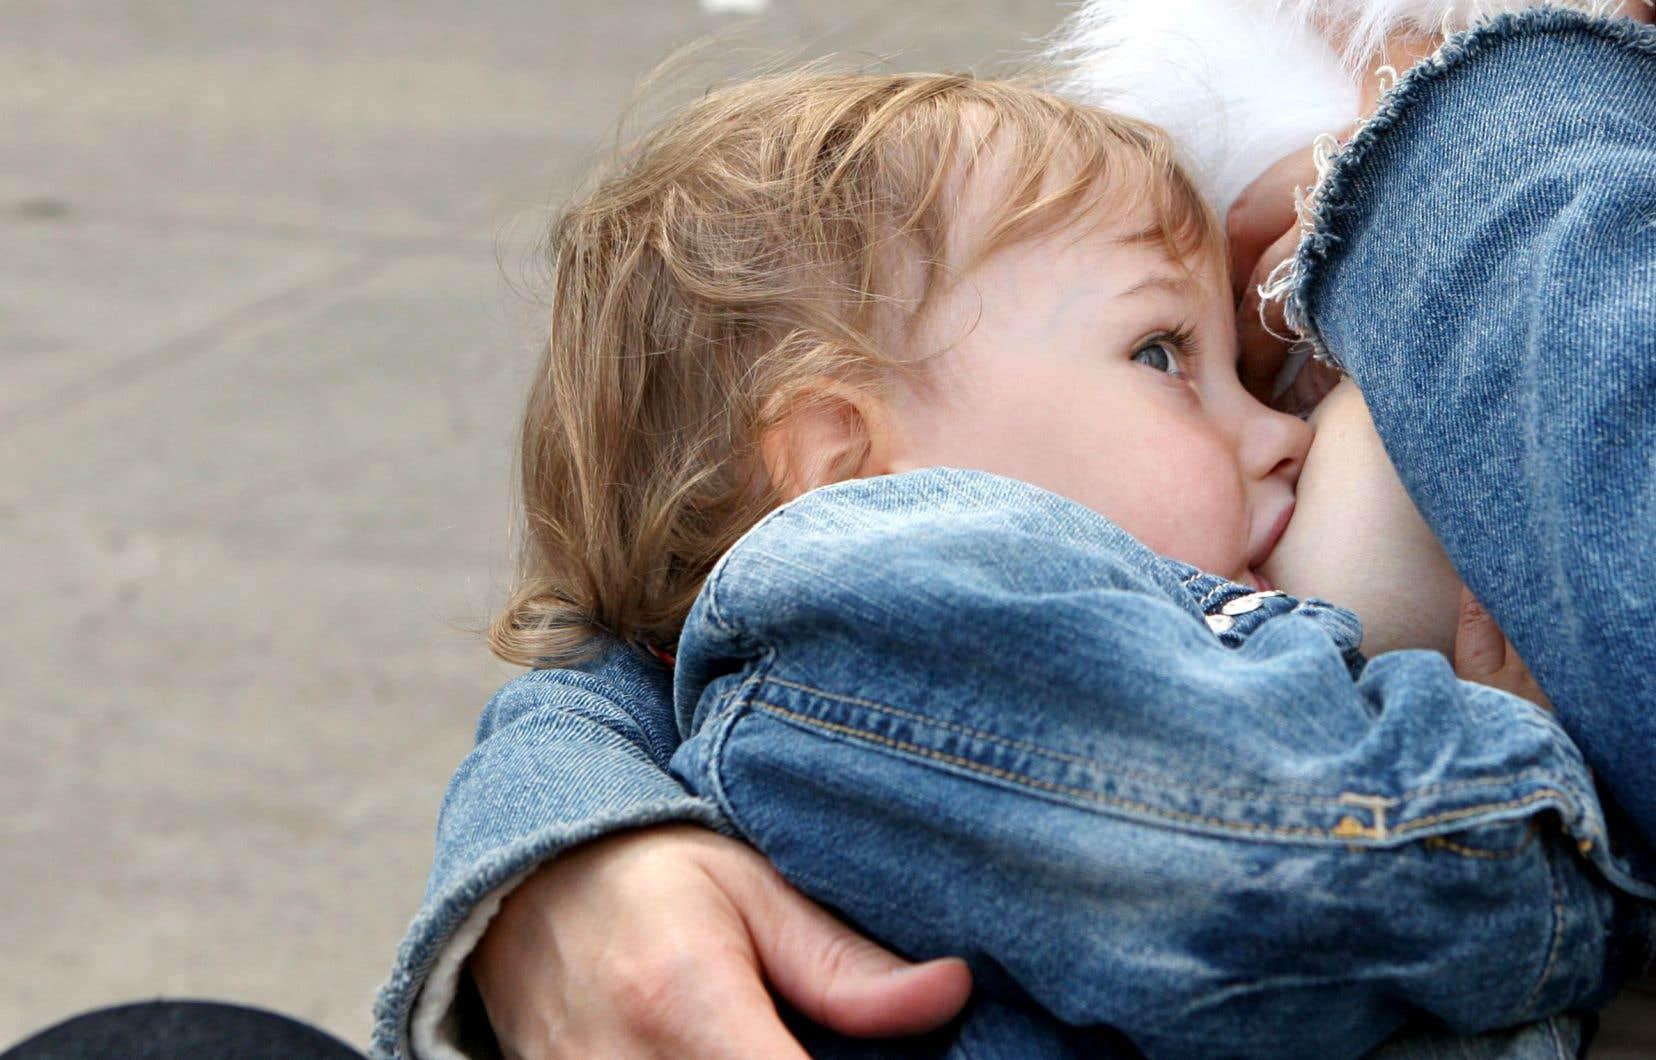 Selon les plus récentes données sur le taux d'allaitement au pays qui datent de 2011-2012, le Canada et le Québec font piètre figure en la matière.